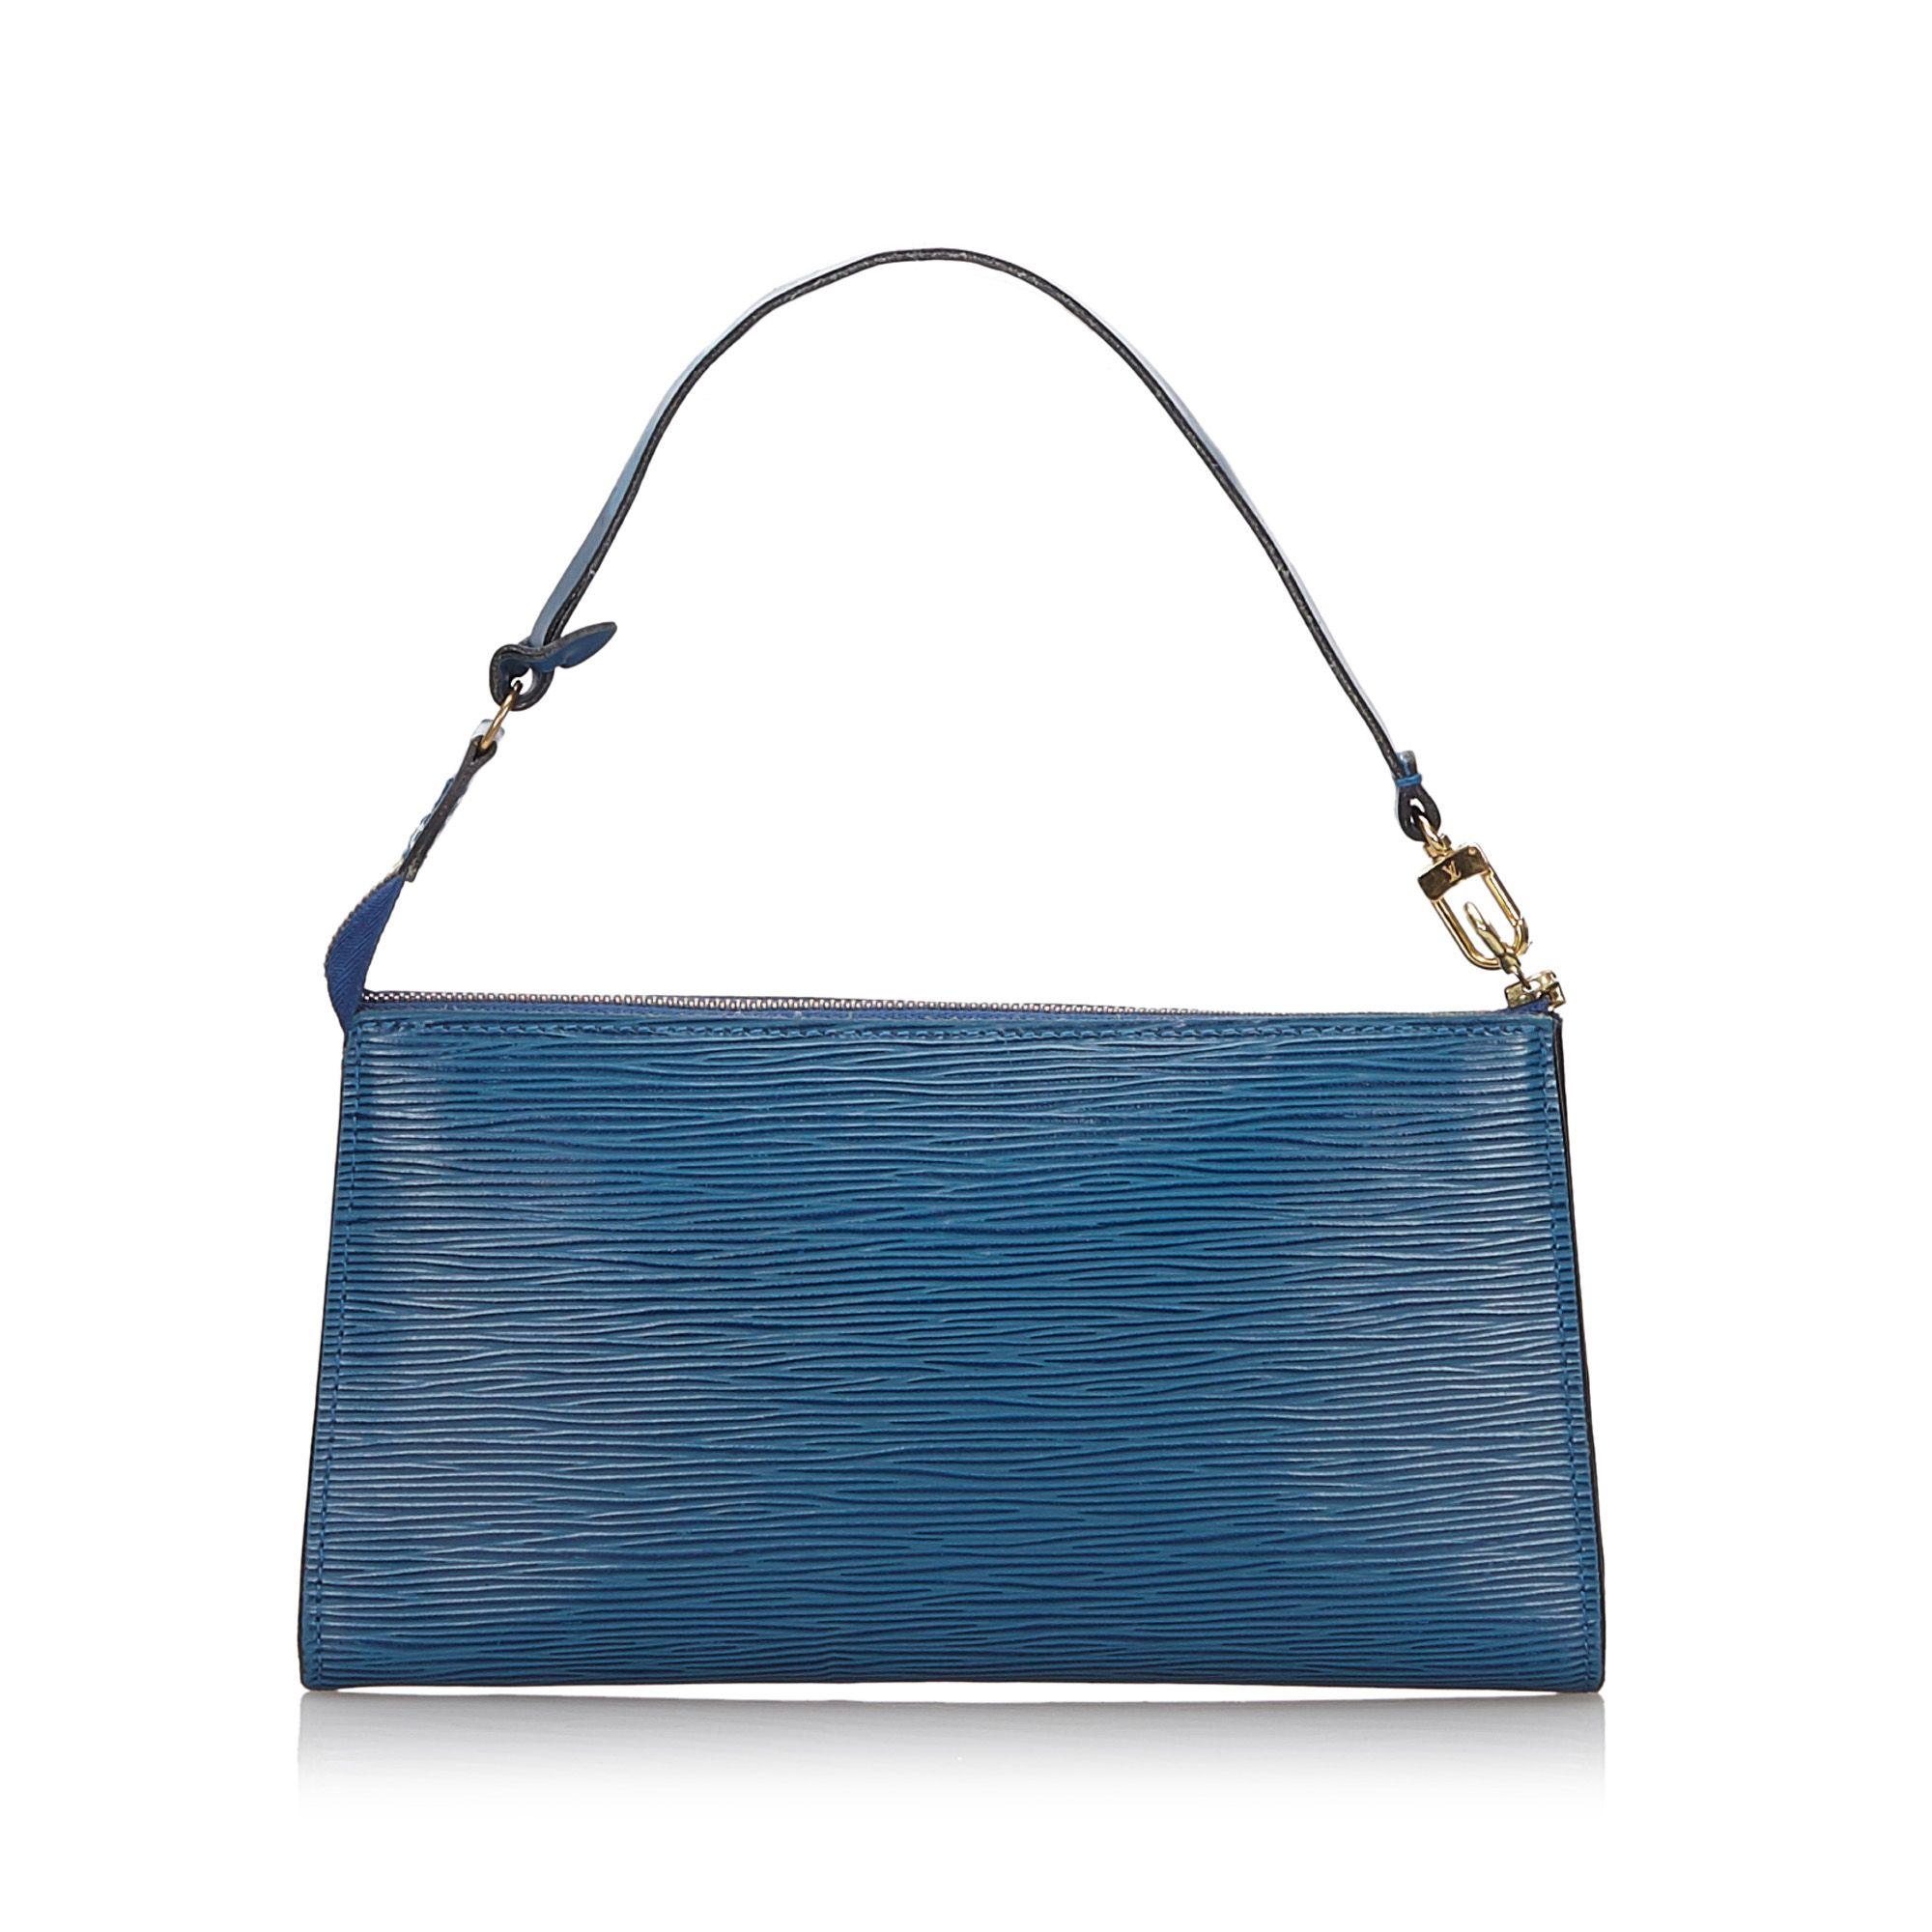 Vintage Louis Vuitton Epi Pochette Accessoires Blue